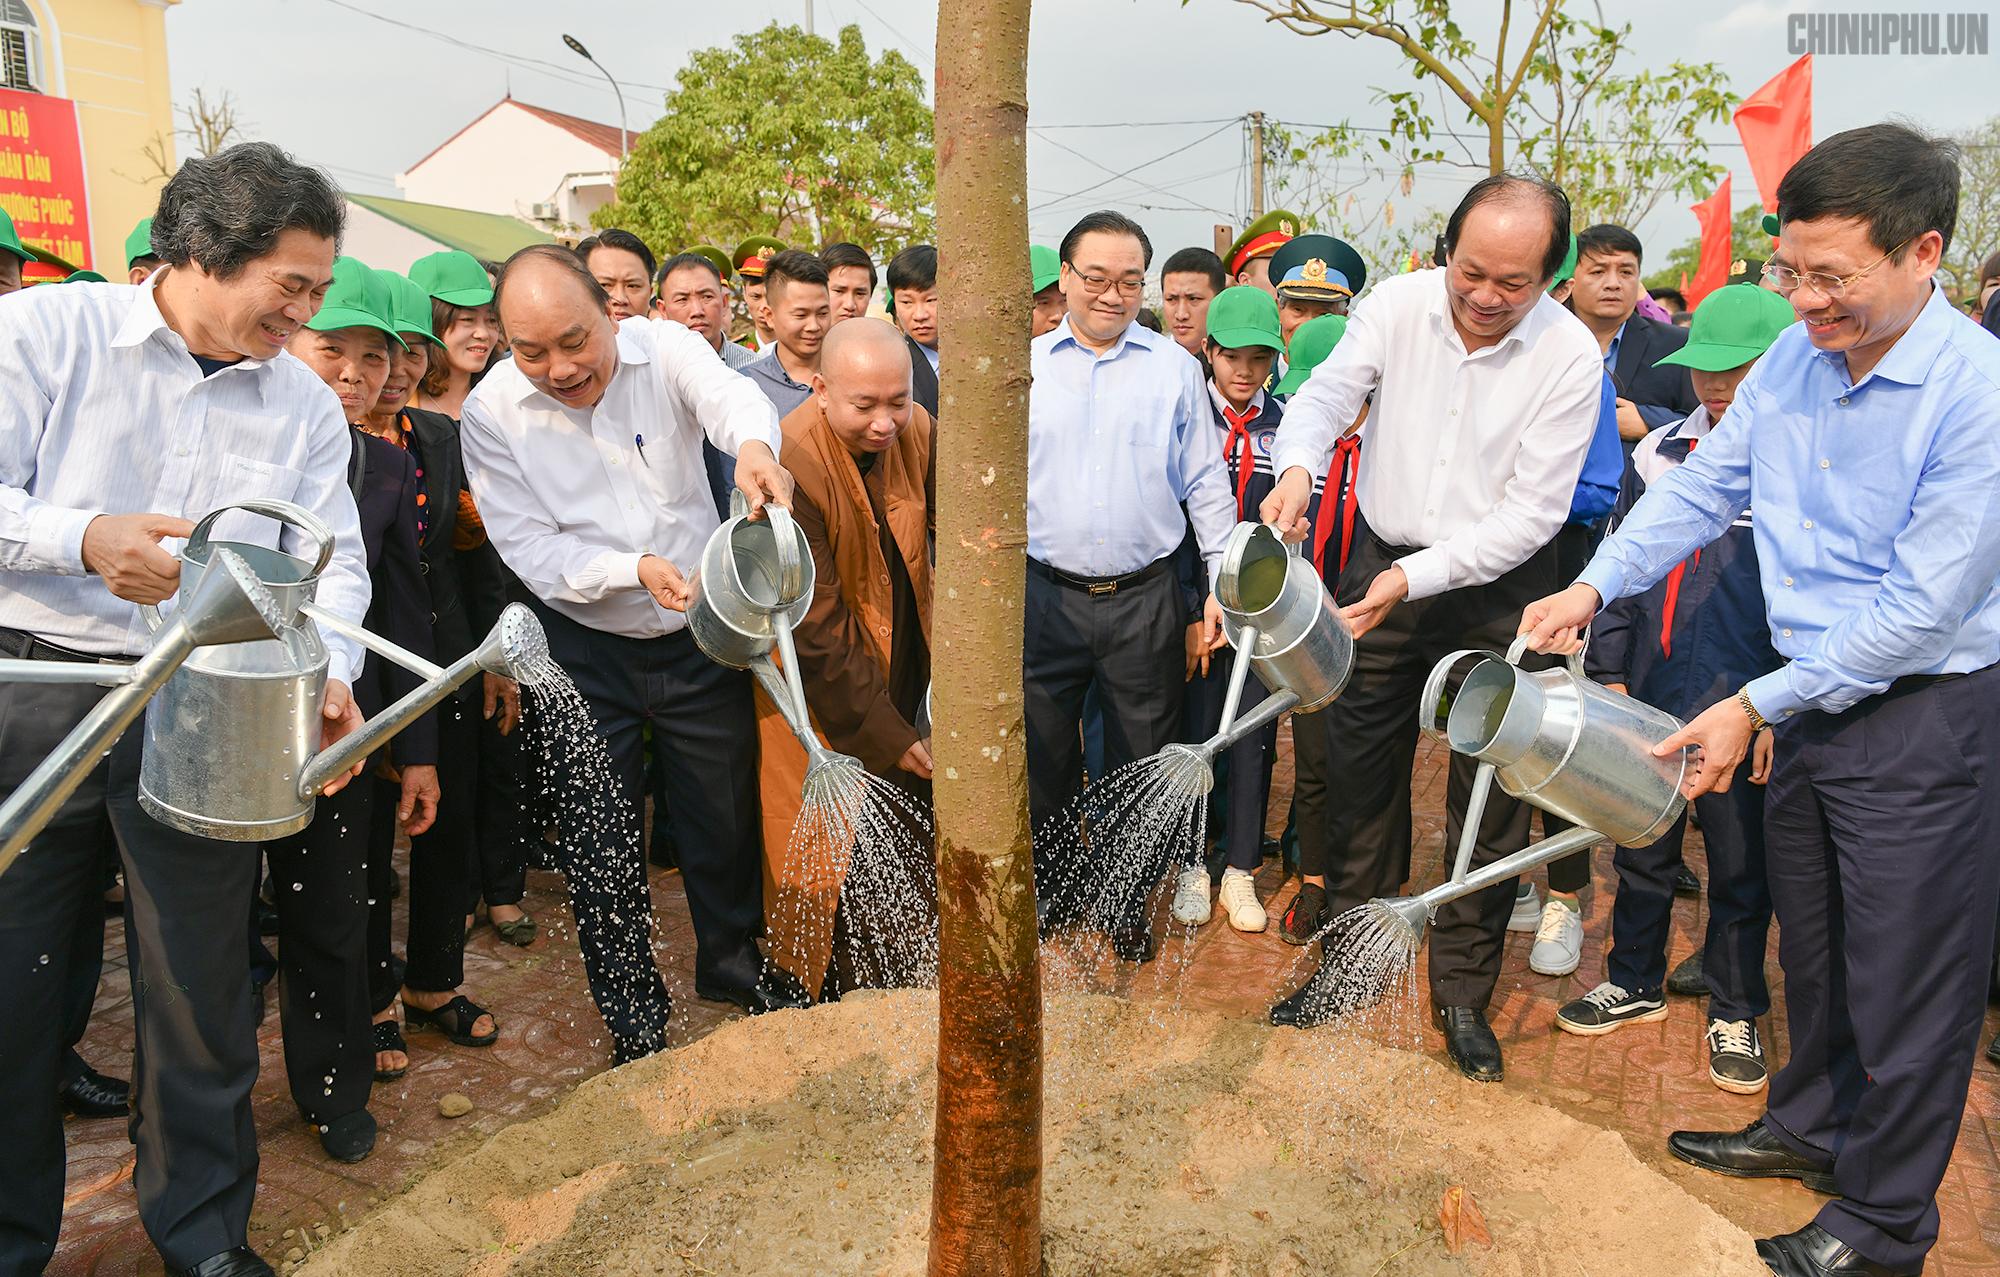 Trồng cây để làm môi trường sống xanh, sạch!